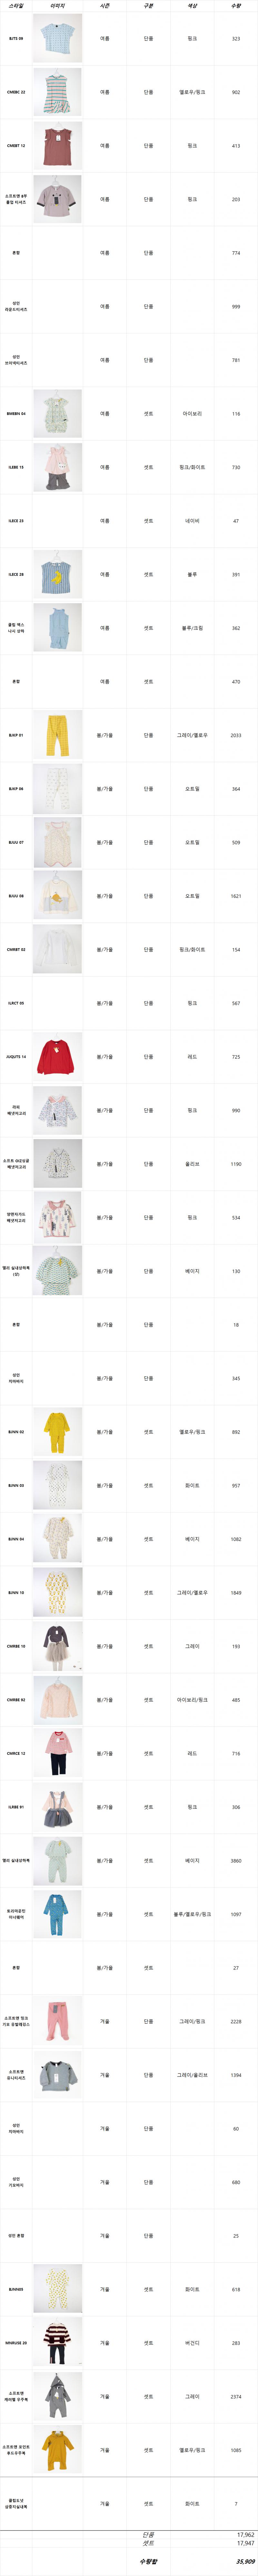 유아동복 실내복 셋트및 티셔츠팬츠등 20000장 1500원에 판매합니다